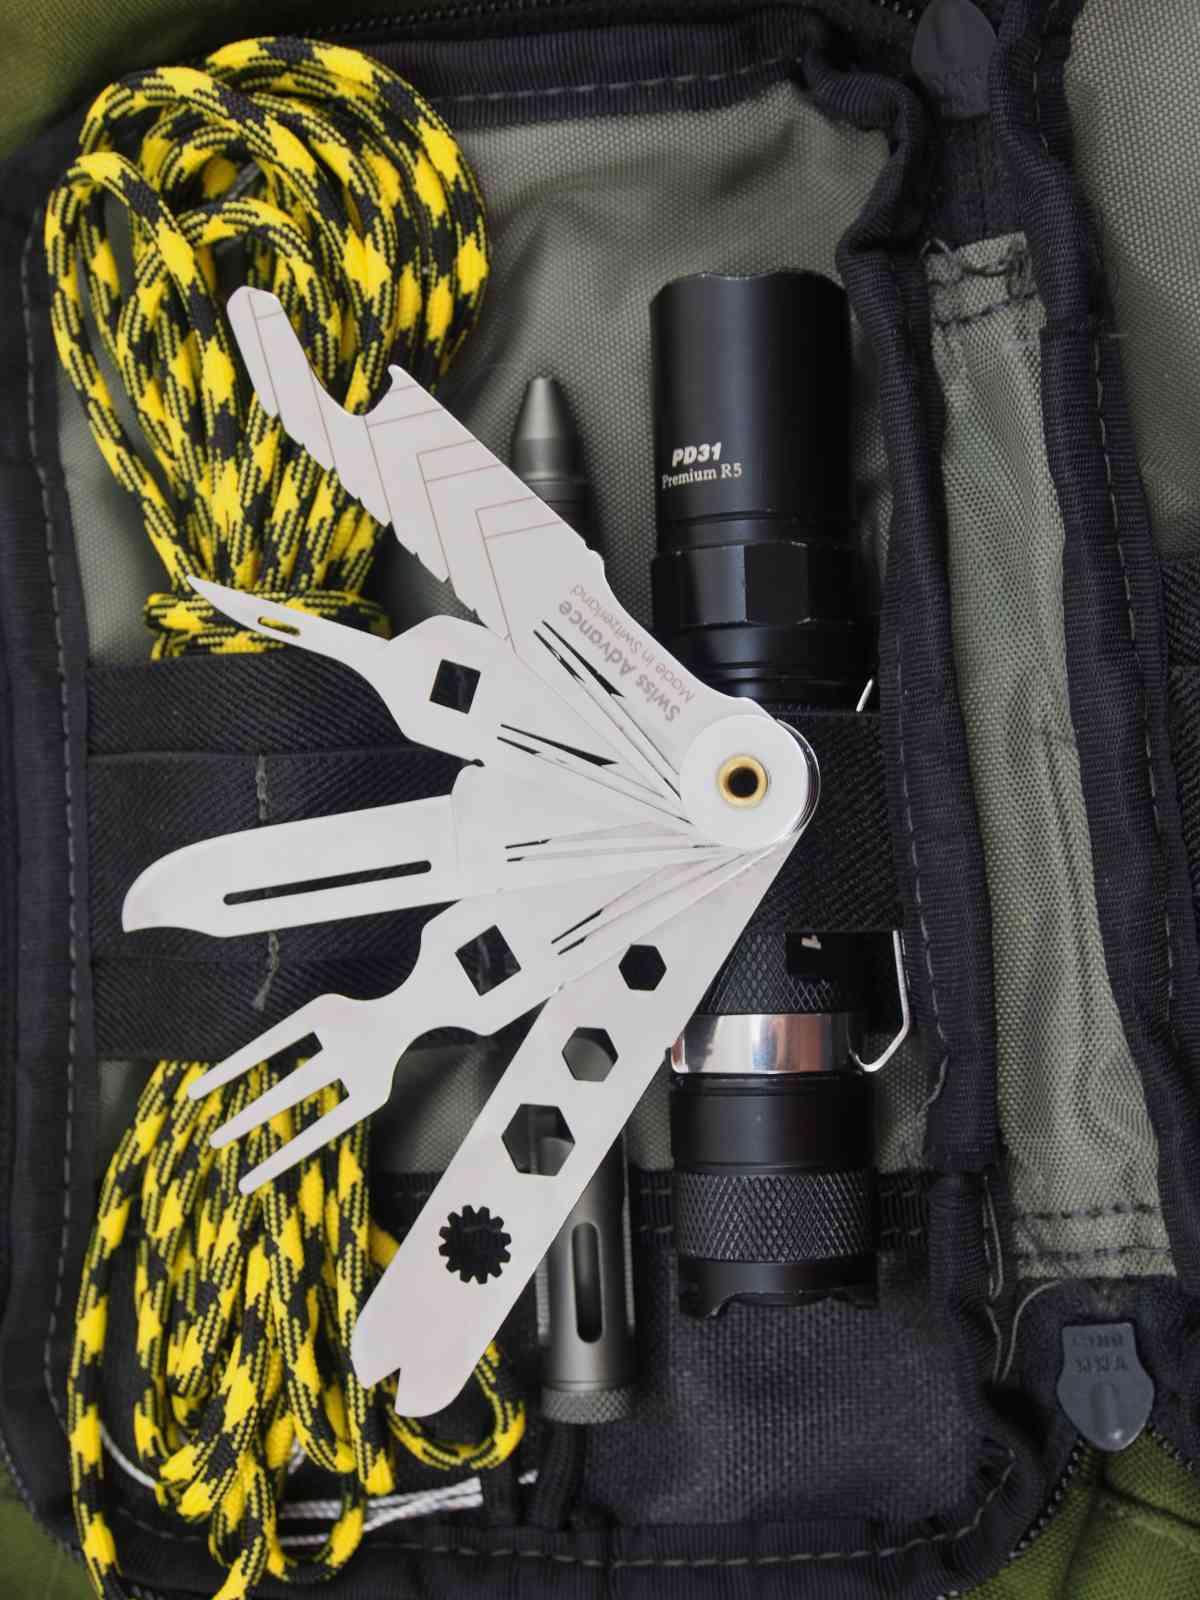 Swiss Advance Taschenmesser - Alle Funktionen auf einem Blick